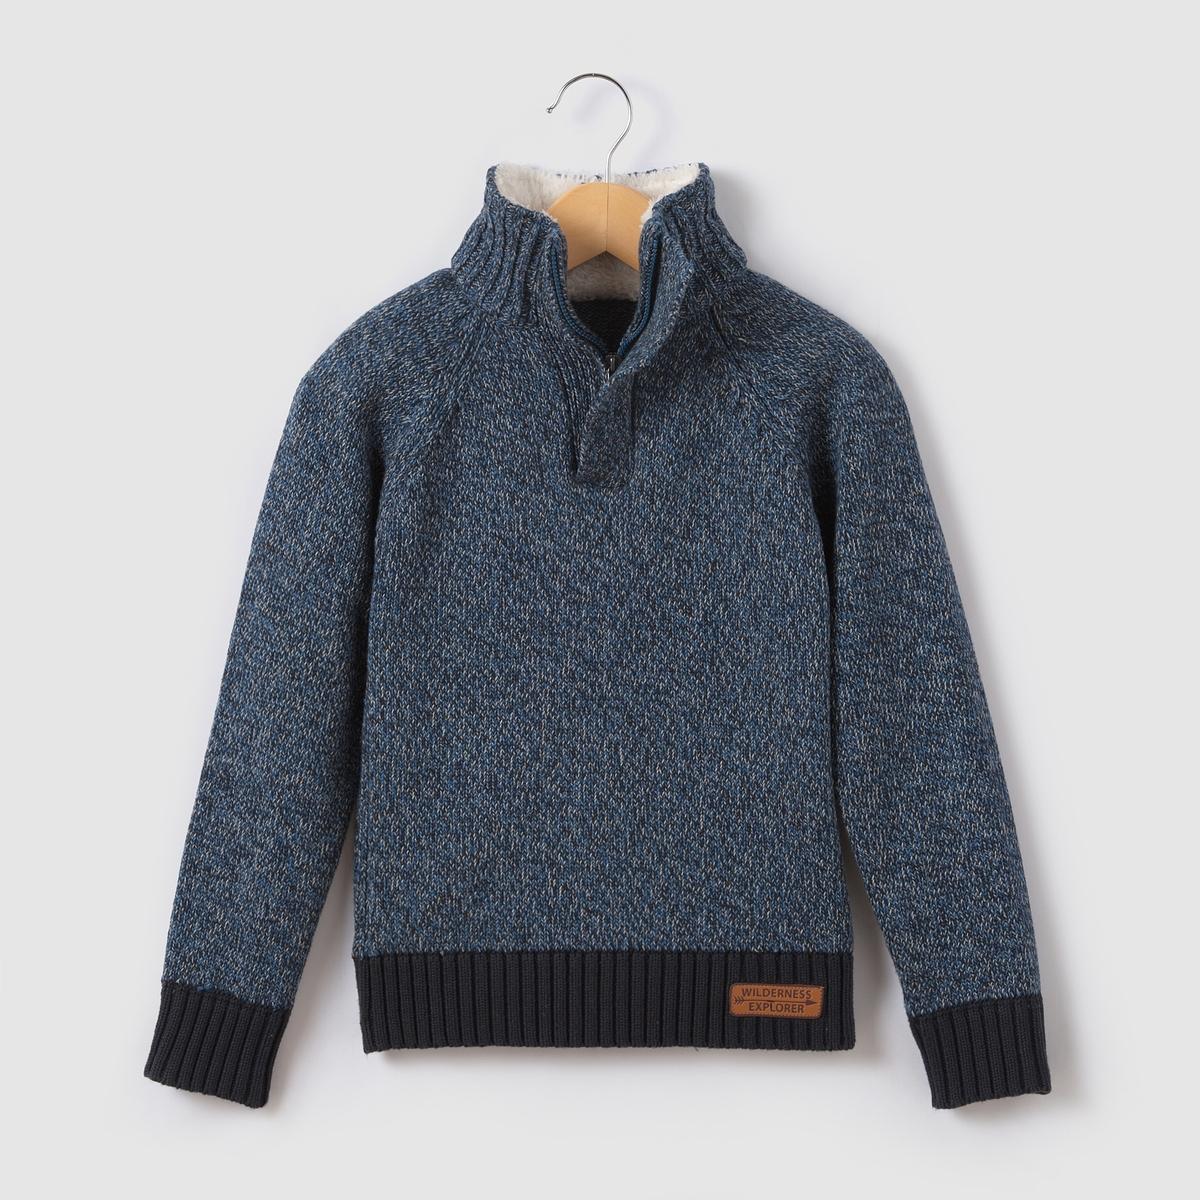 Пуловер теплый с воротником-стойкой на молнии, 3-12 лет